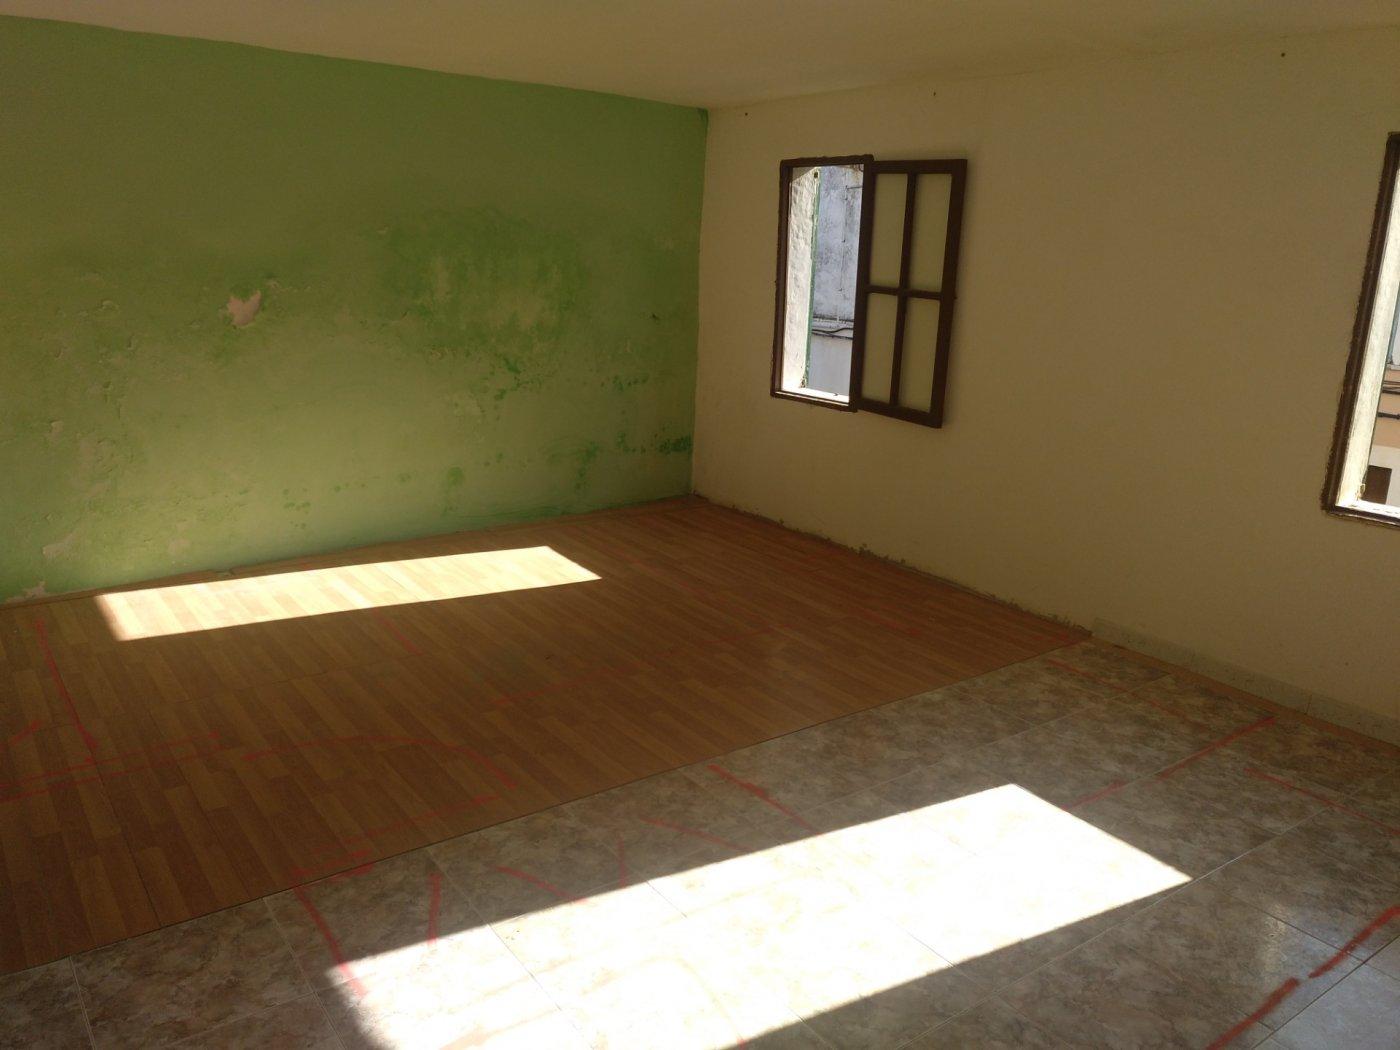 Planta baja a reformar con una altura y techo libre sa pobla pueblo - imagenInmueble26